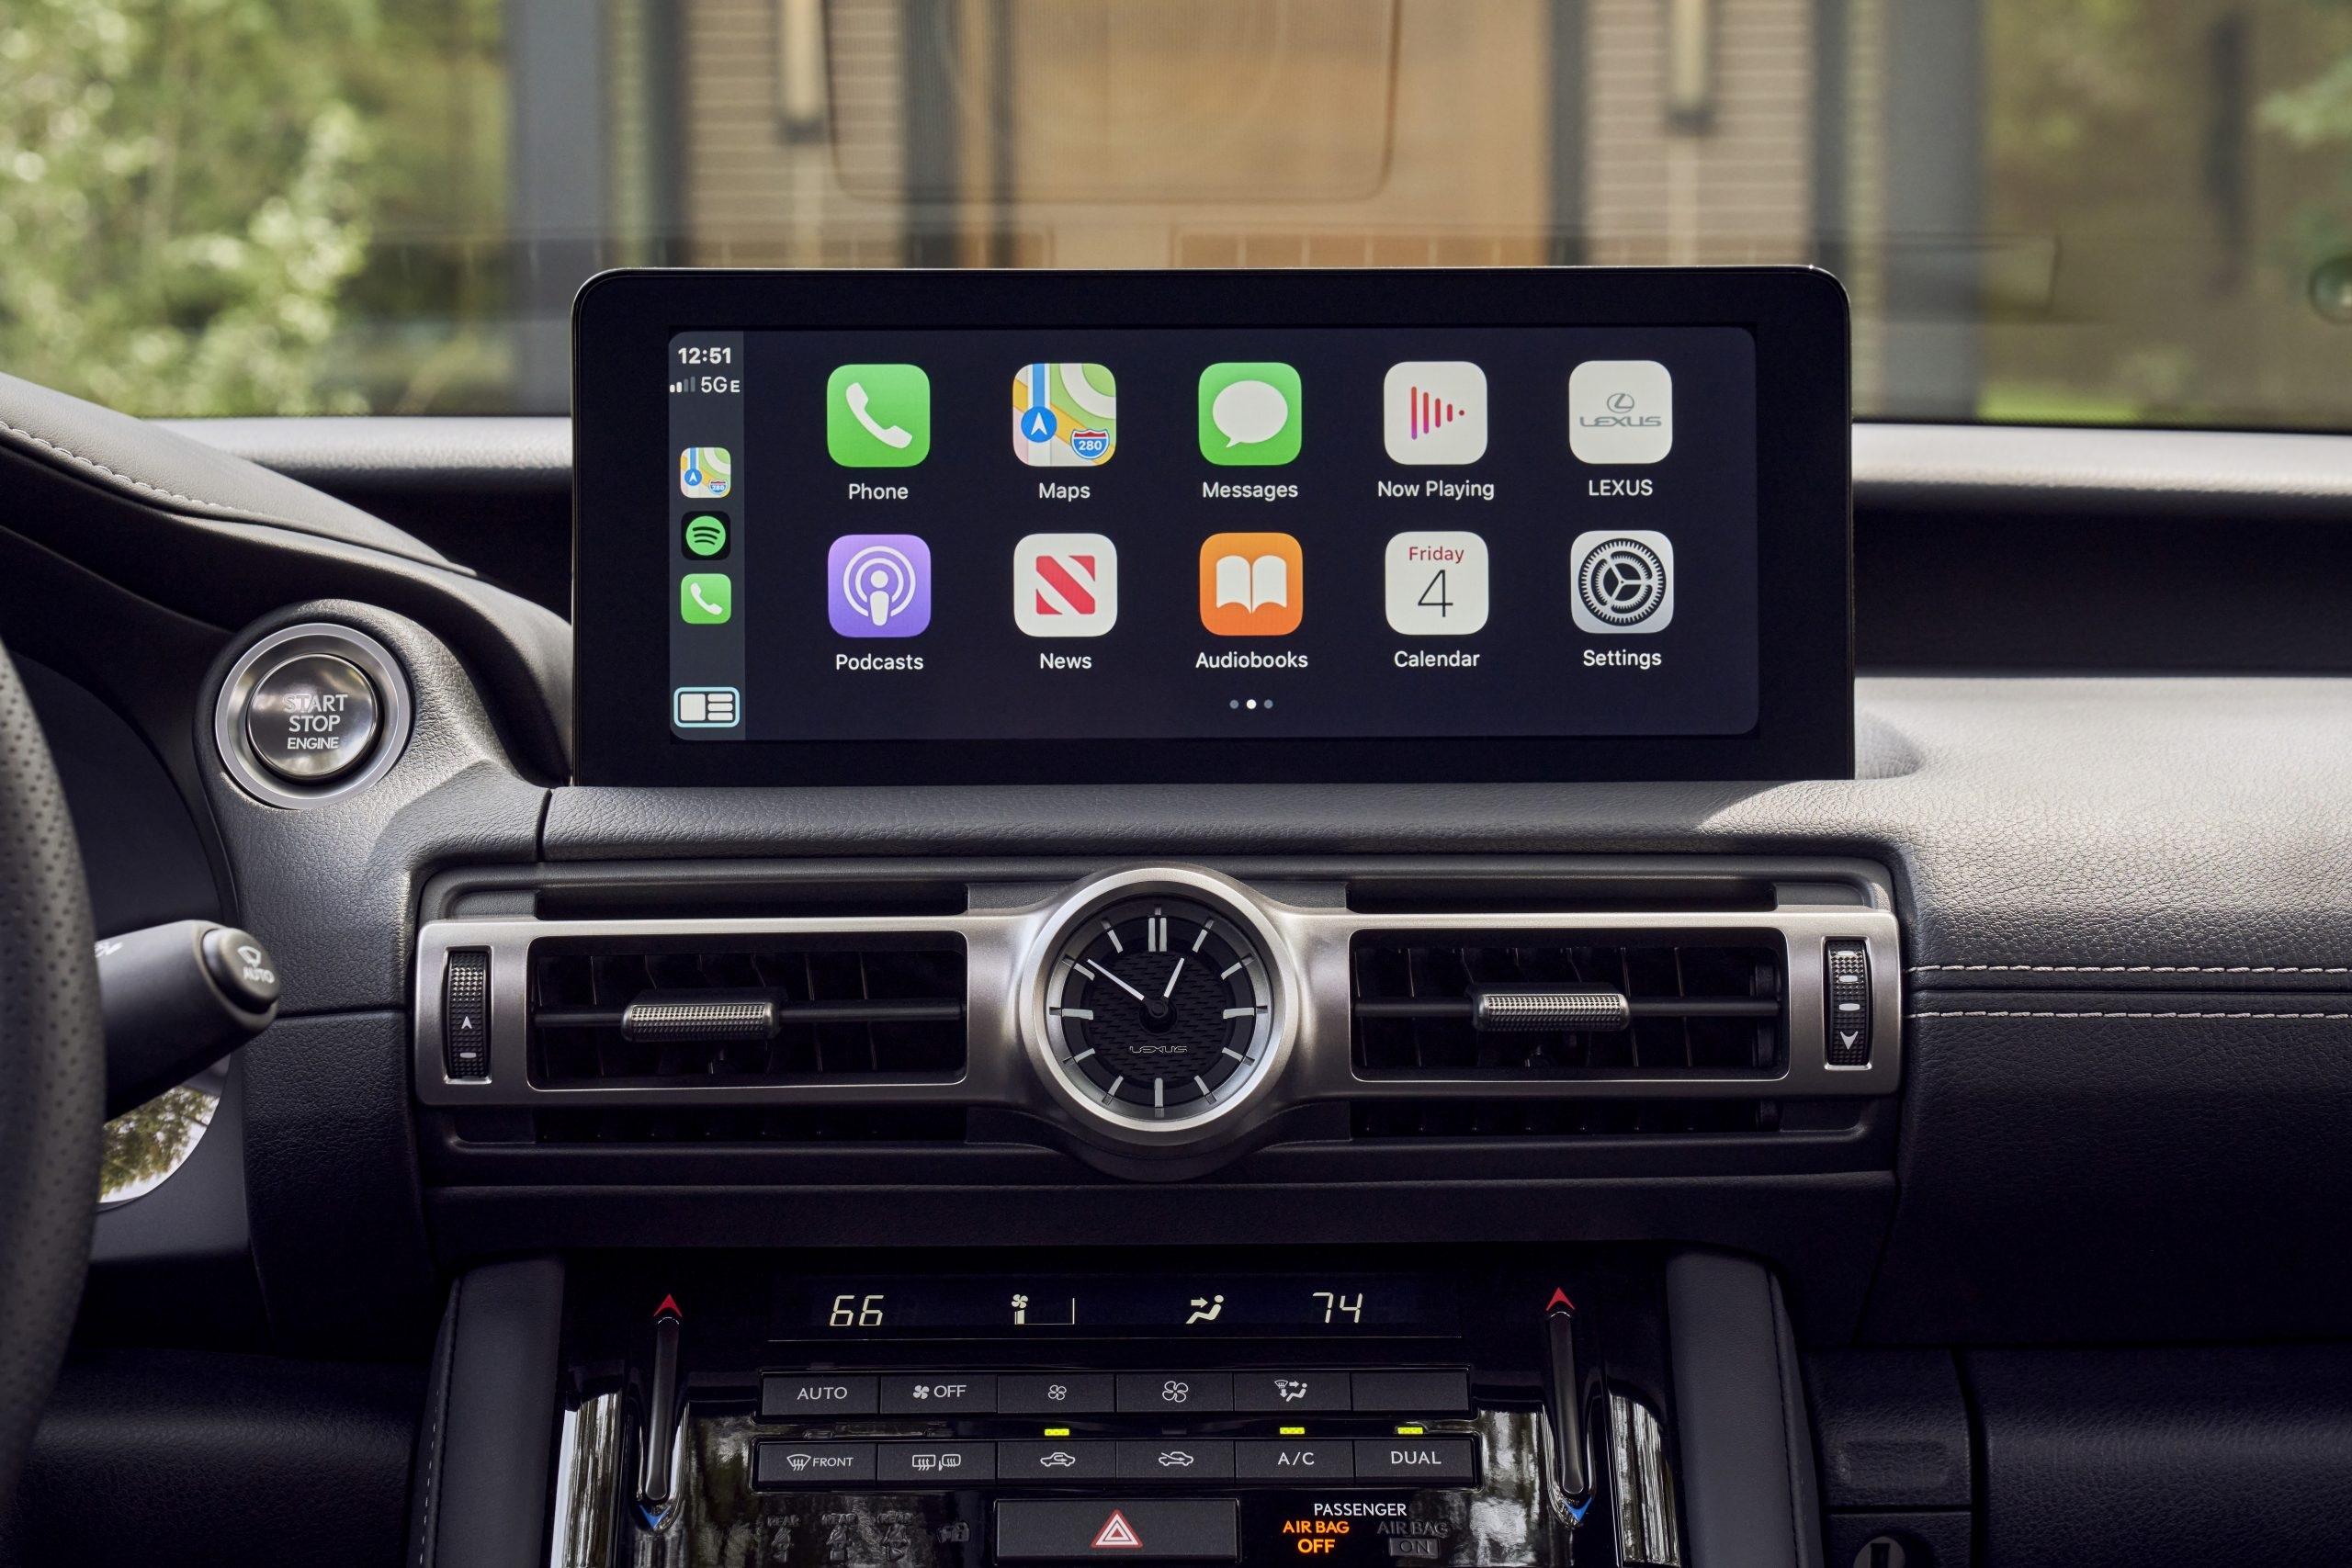 2021 Lexus IS 350 F Sport infotainment screen.